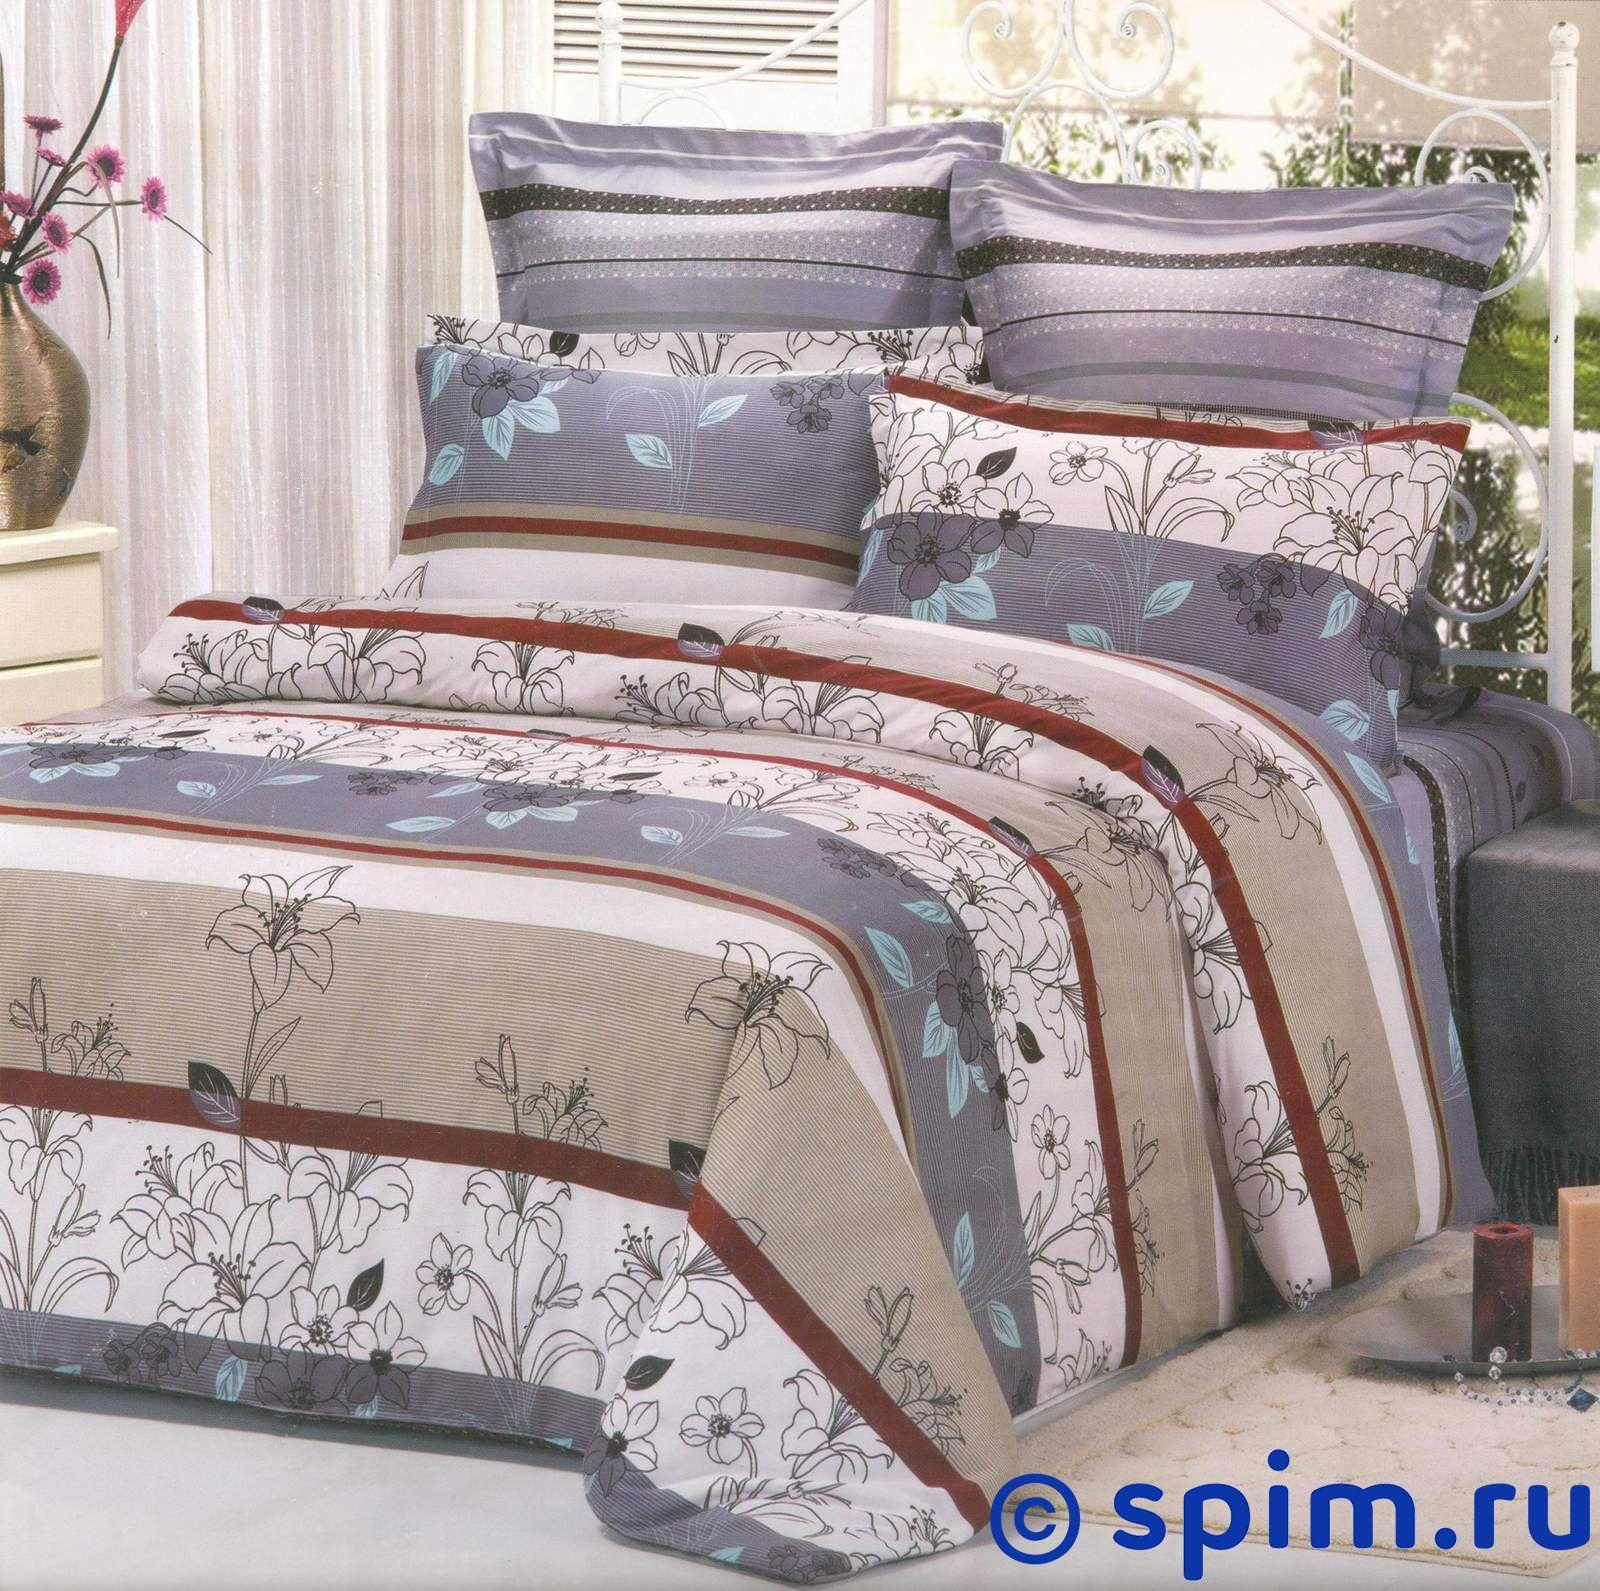 Комплект СайлиД В64 1.5 спальное